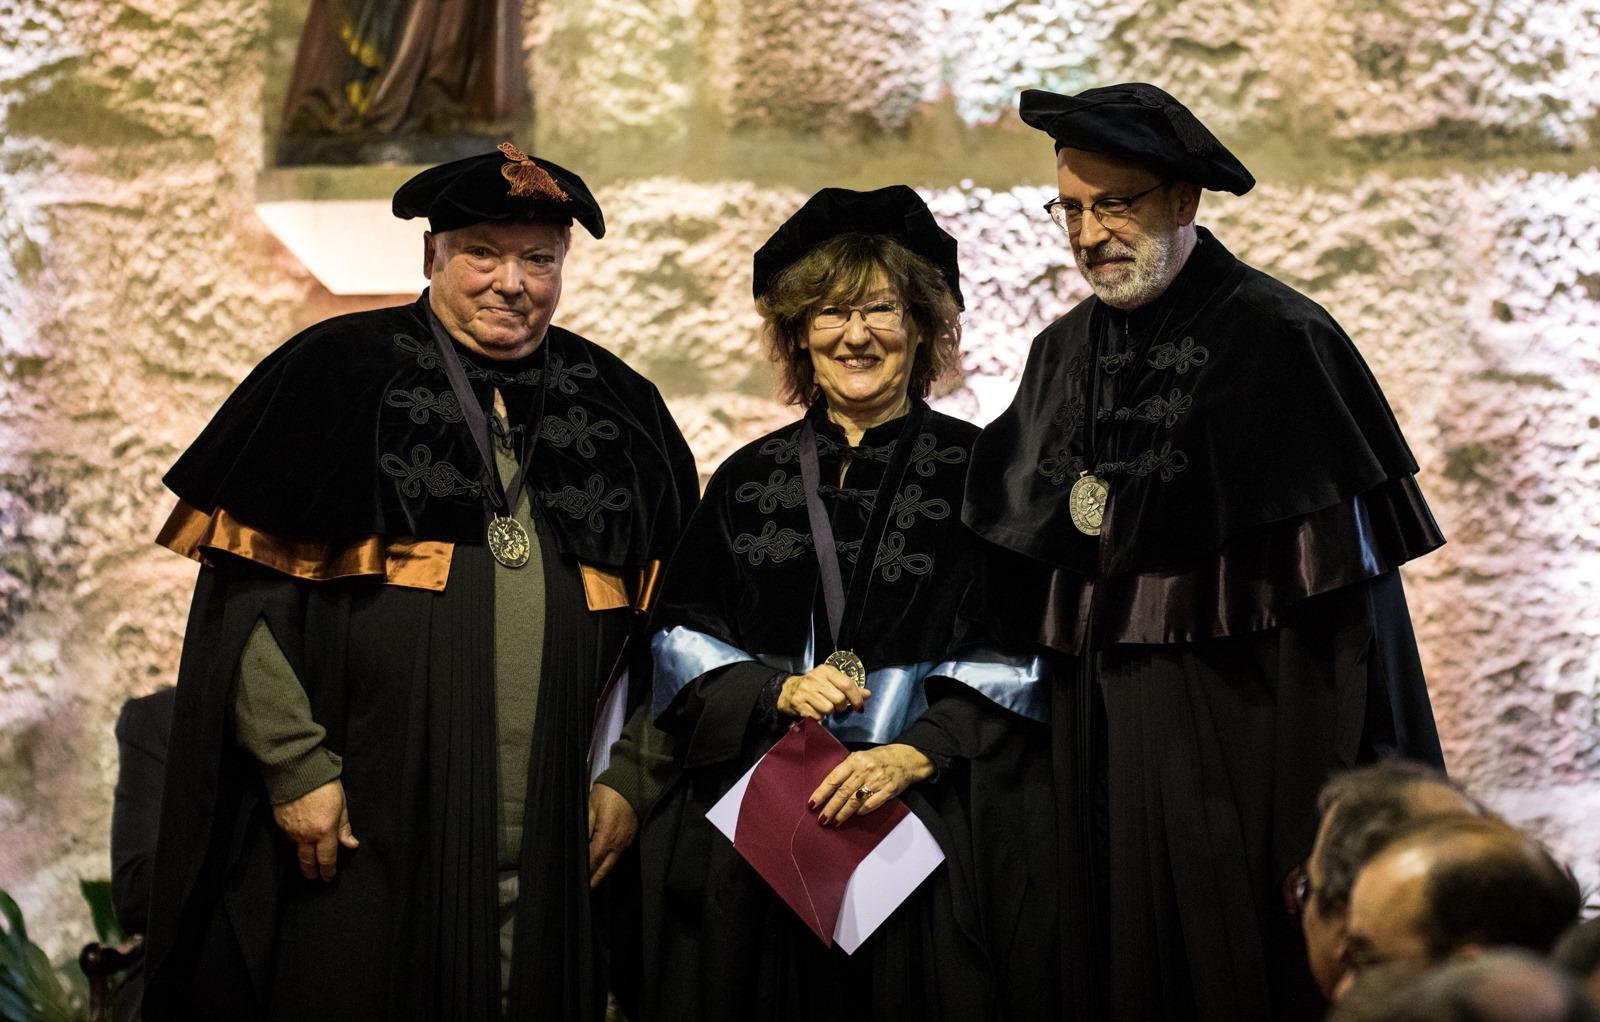 José Maia Neves e Cecília Leão professores eméritos (foto: Nuno Gonçalves)